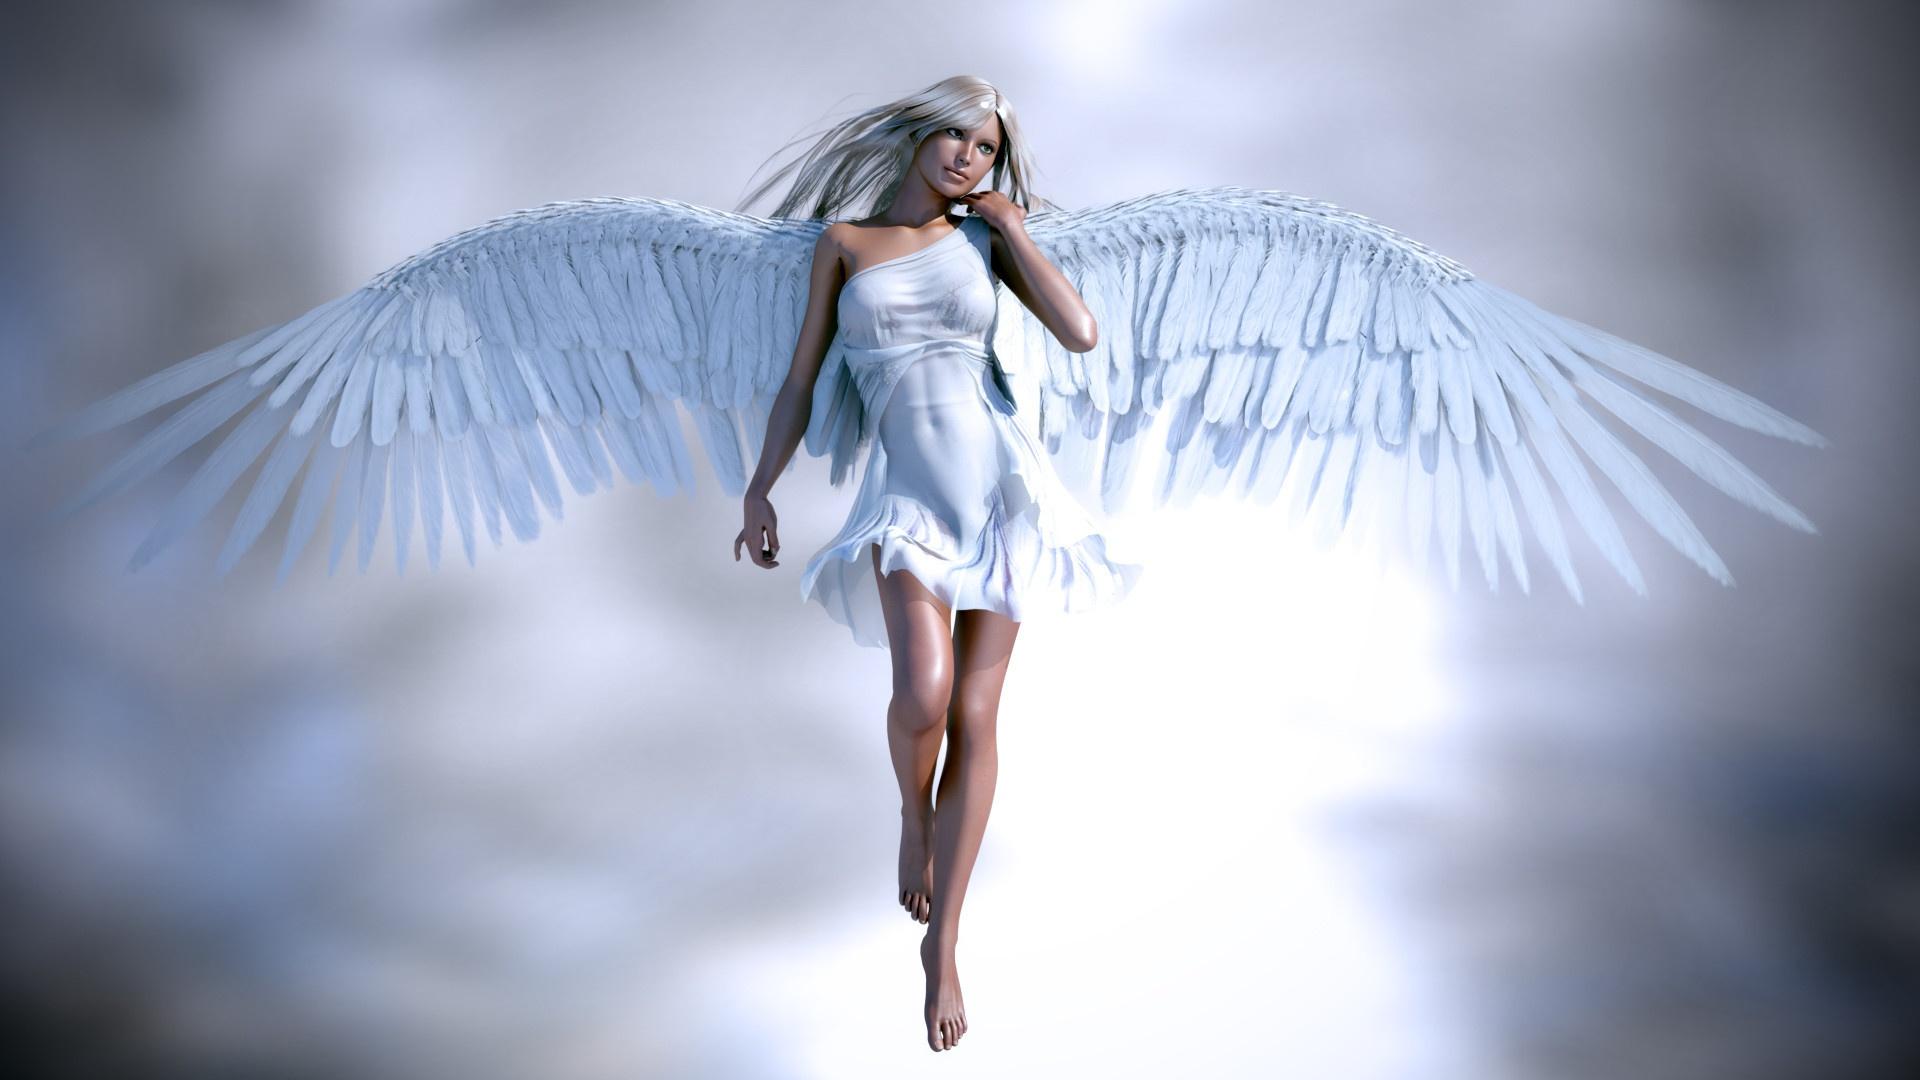 angel photoshop fantasy famale - photo #40